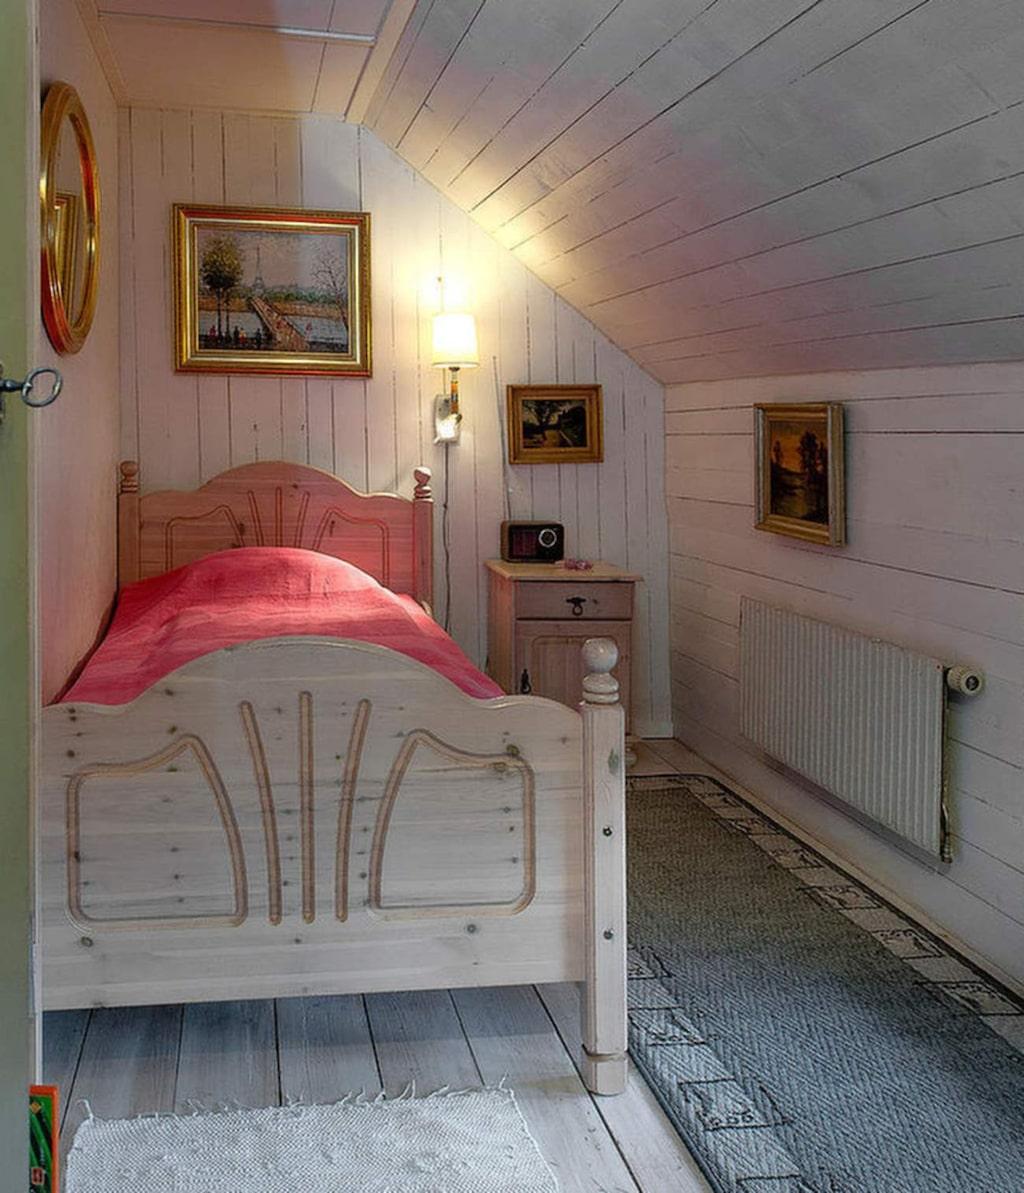 Det här sovrummet inreddes i den före detta klädkammaren. Sovrummet fick en uppsättning möbler från et barn som vuxit ur det. Speglar och tavlor är utrensat från familjer som inte tyckte de passade in i stilen längre. På väggen sitter en före detta hotellampa.